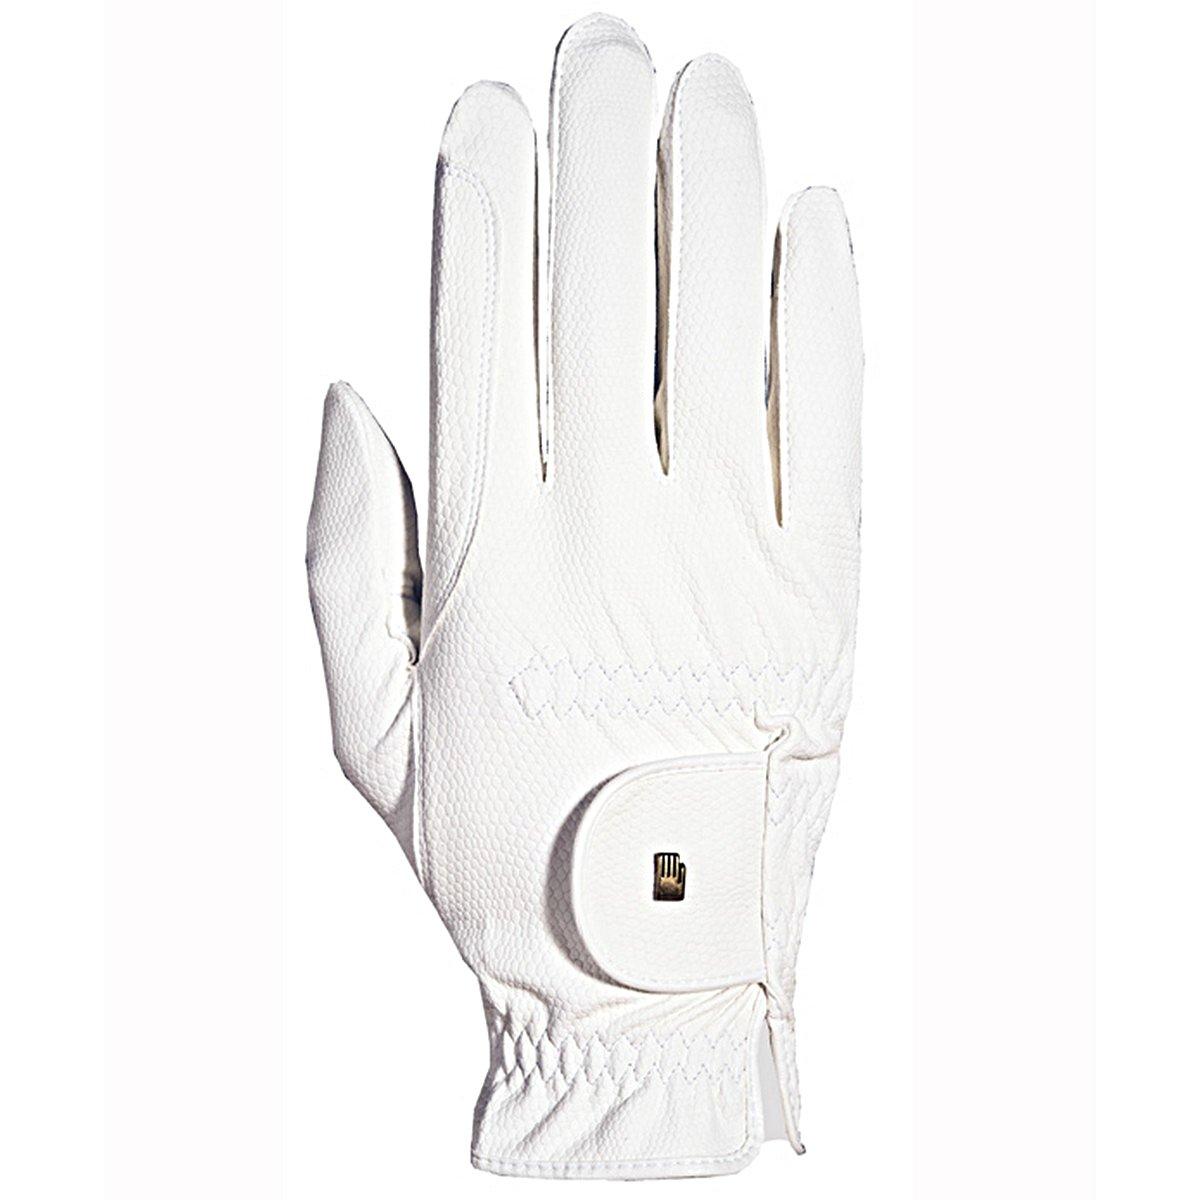 Roeckl Roeck Grip winter handschoen wit maat:8,5